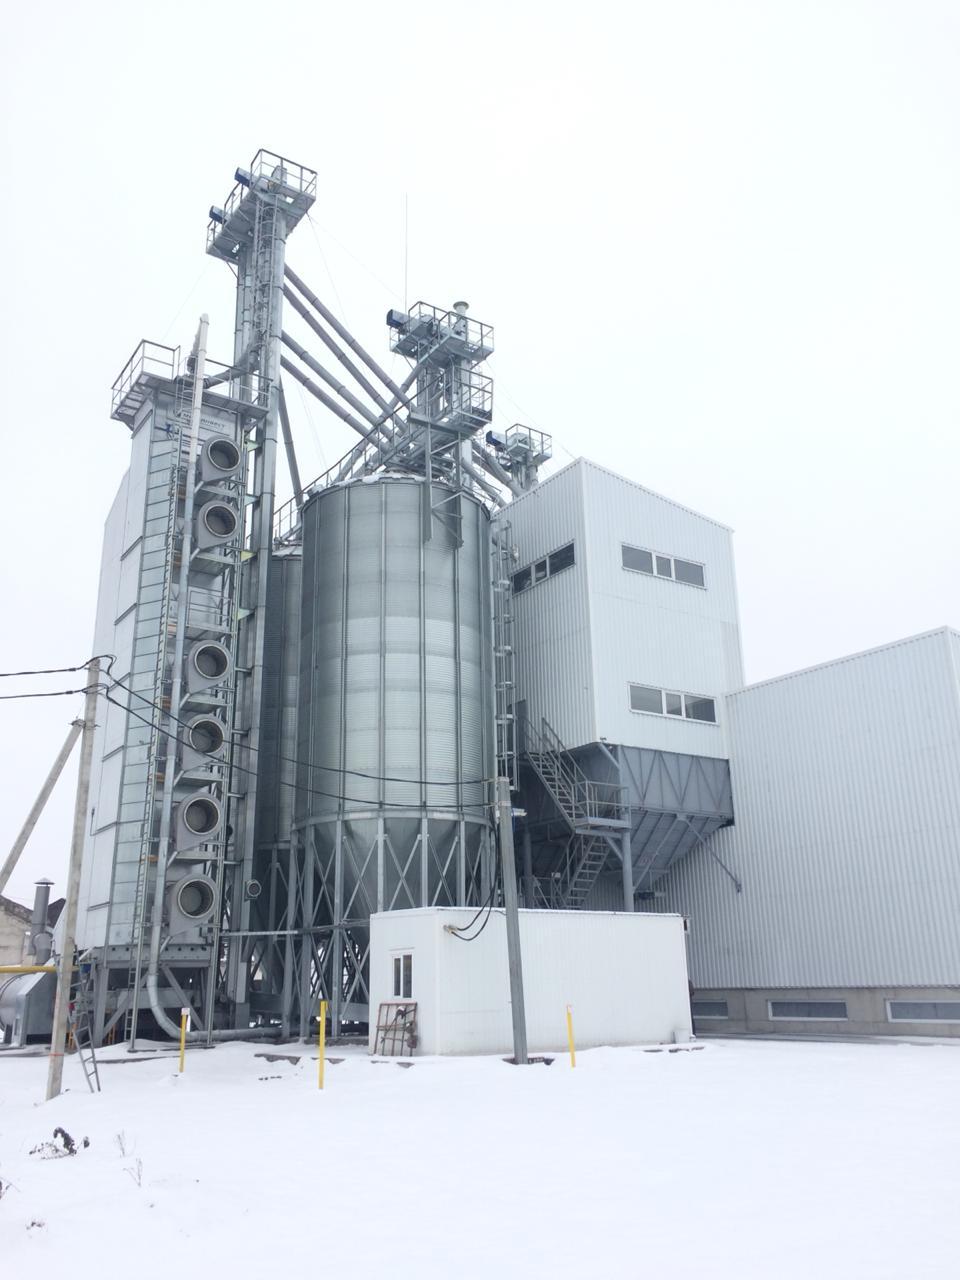 Элеваторы новосибирск сравнить мультивен и каравелла и транспортер т5 полный привод